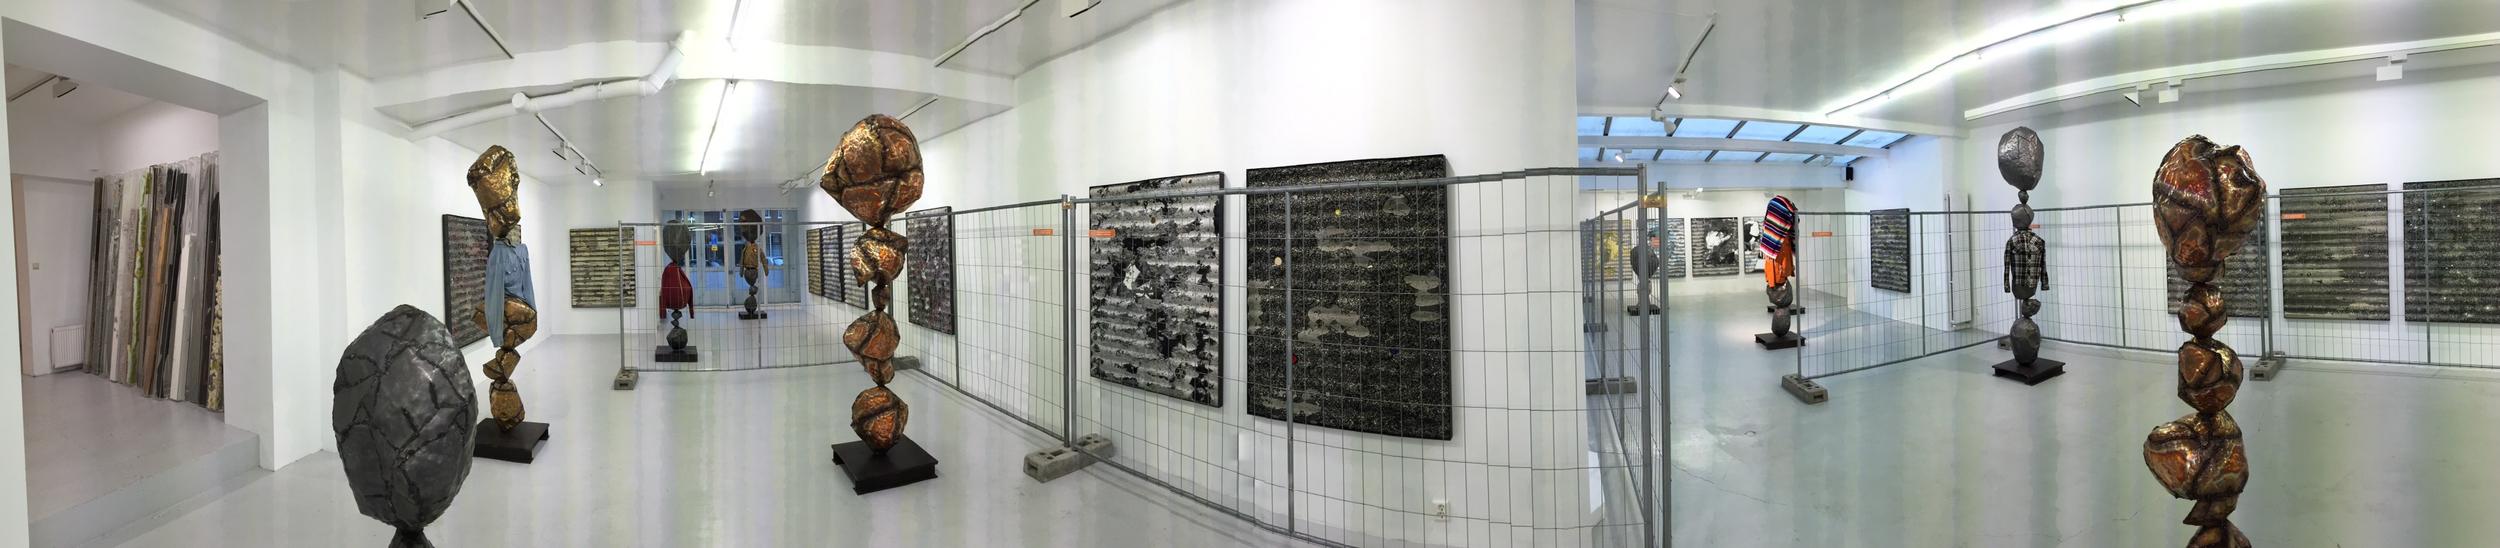 Exhibition Images, Nick van Woert, Hunky Dory Honky Tonk , Grimm Gallery, Amsterdam. Photo Credit:Cincala Art Advisory